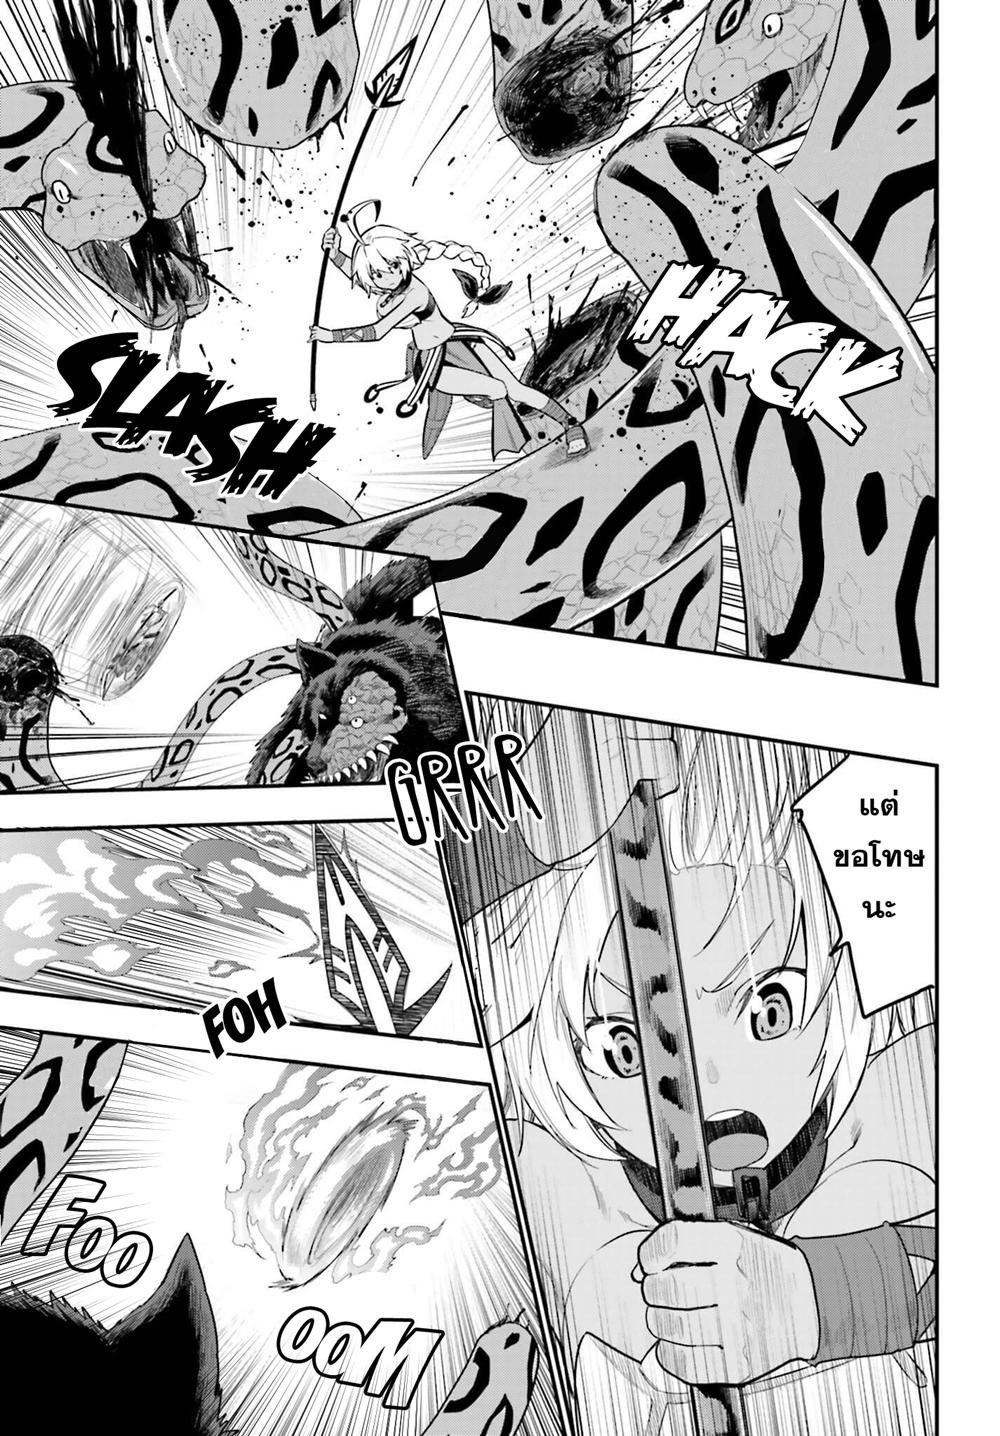 อ่านการ์ตูน Konjiki no Word Master 13 ภาพที่ 3